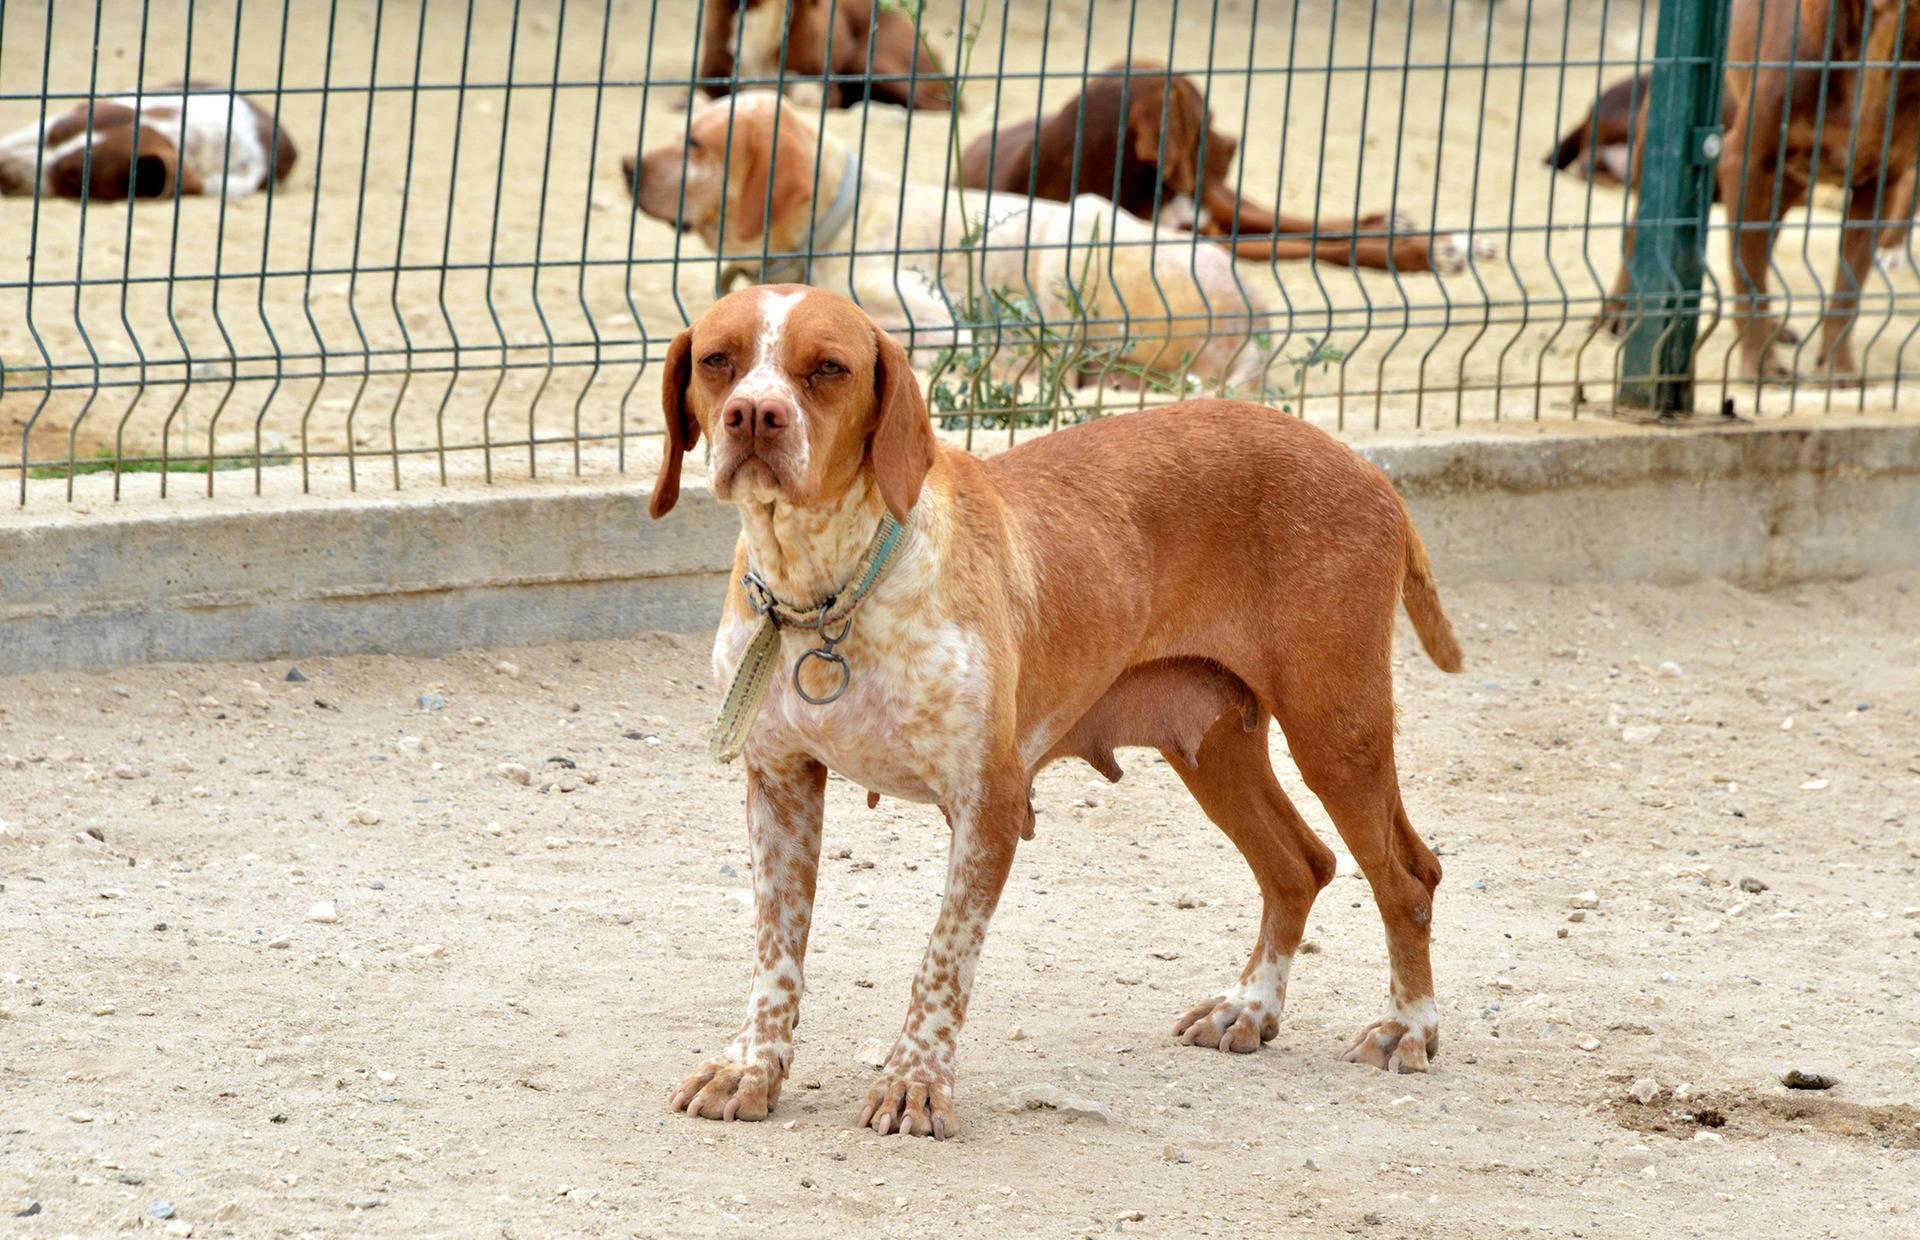 Каталбурун (турецкая гончая): описание породы собак с фото и видео